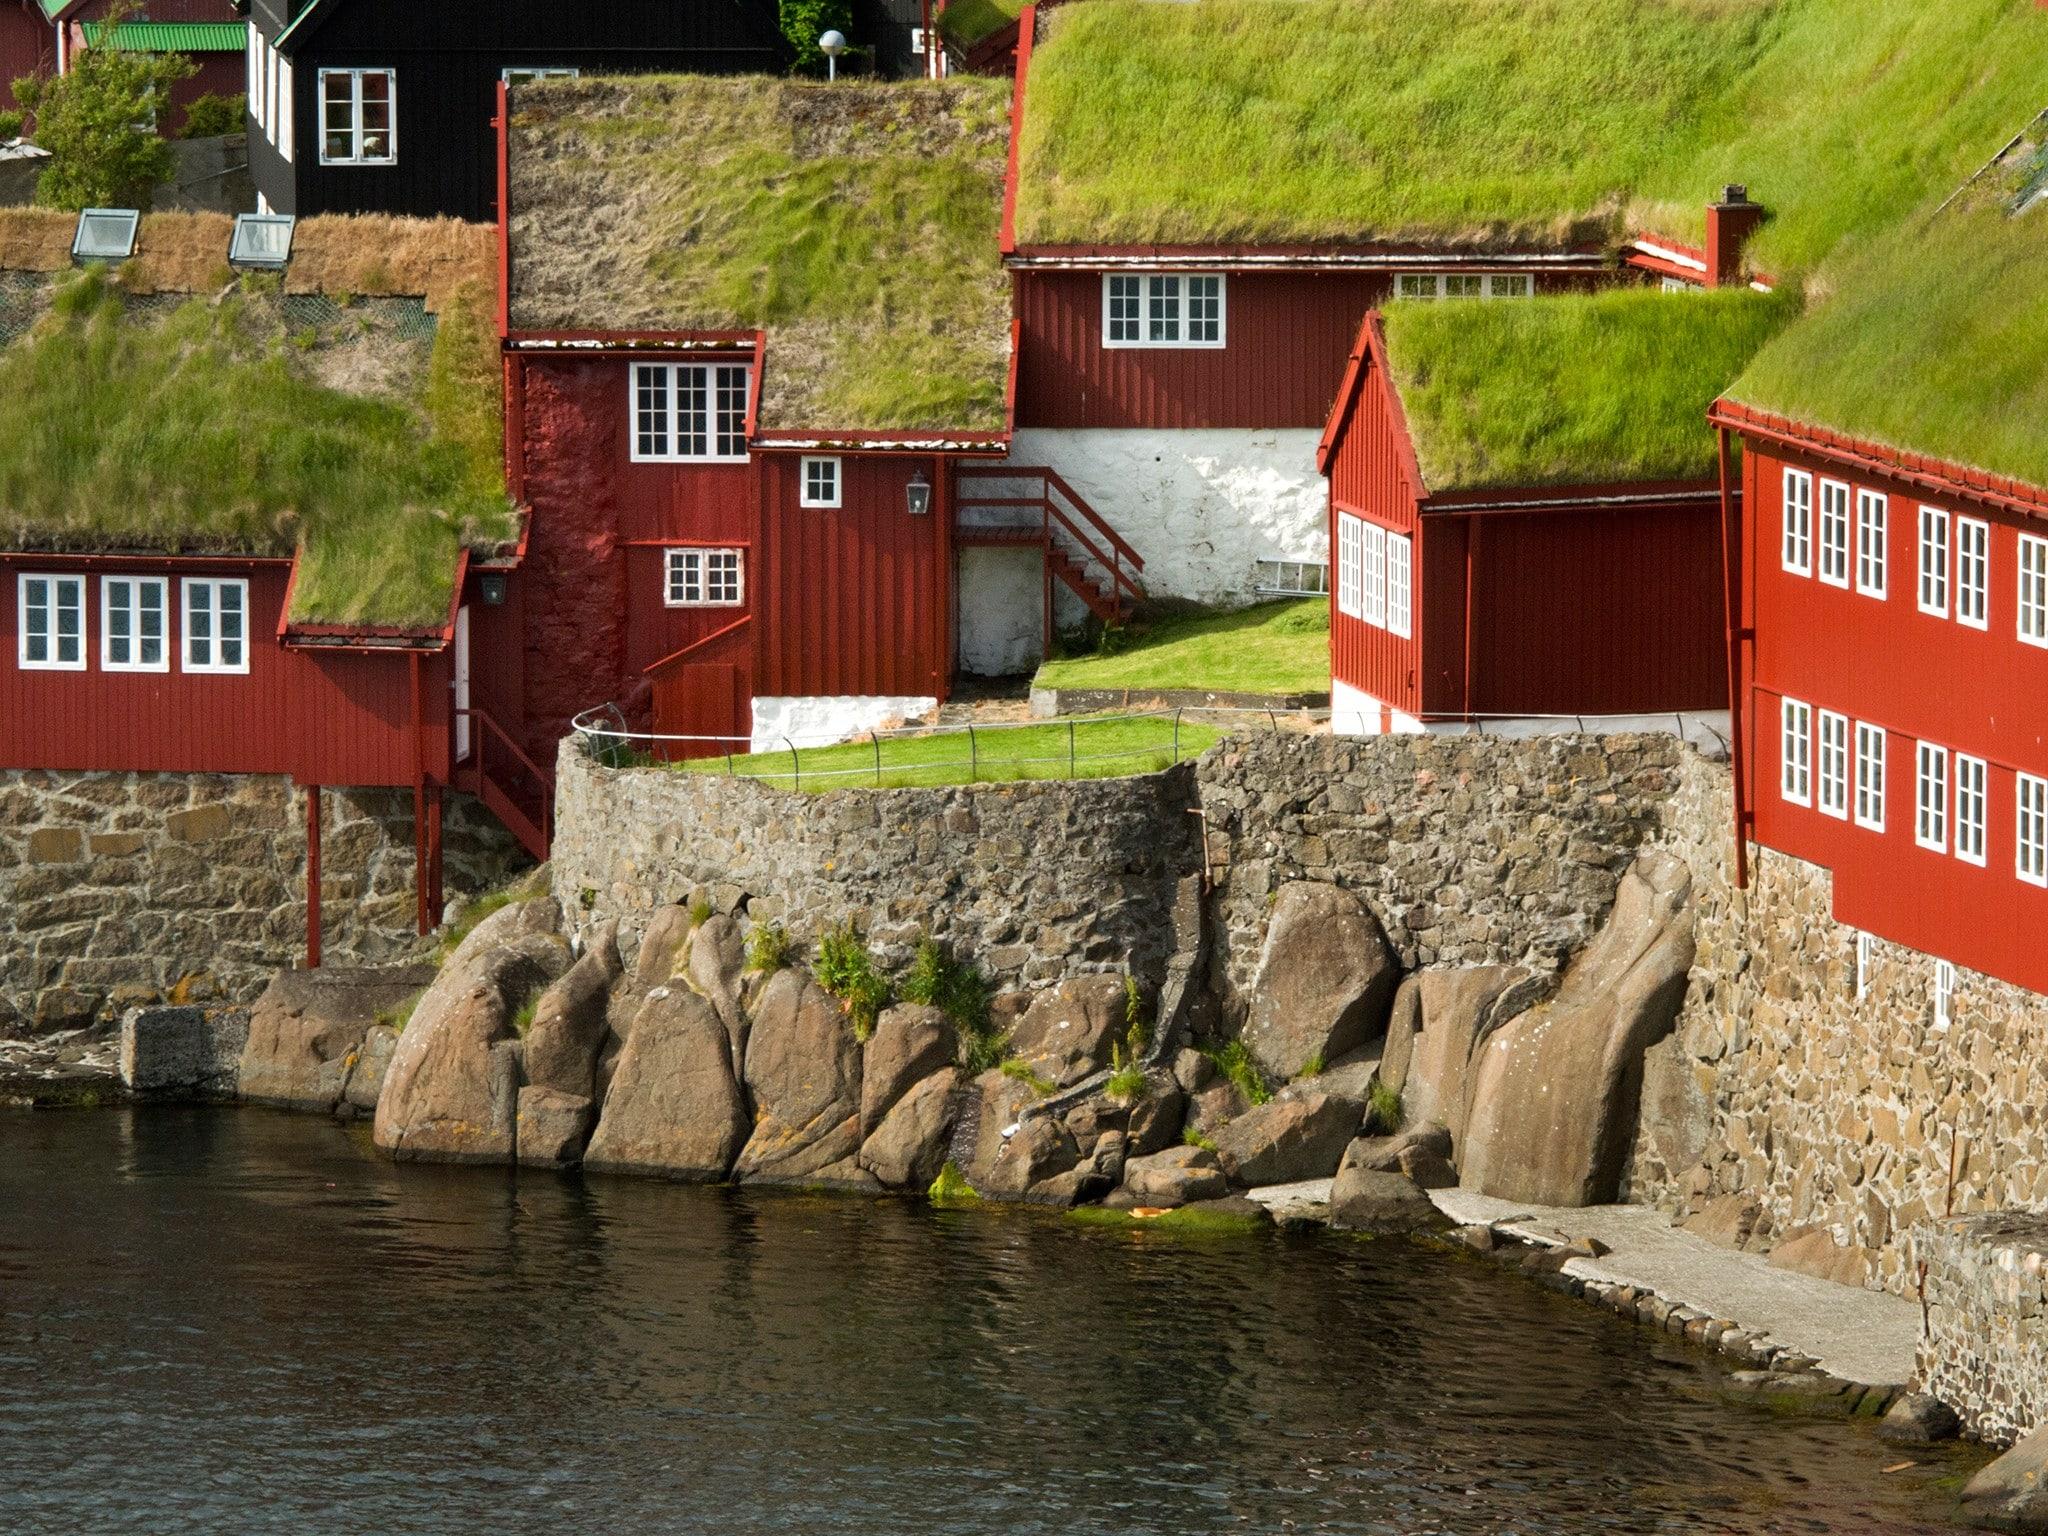 فارو faroe 1 - جزایر هجده گانه فارو ، دانمارک | Faroe Islands